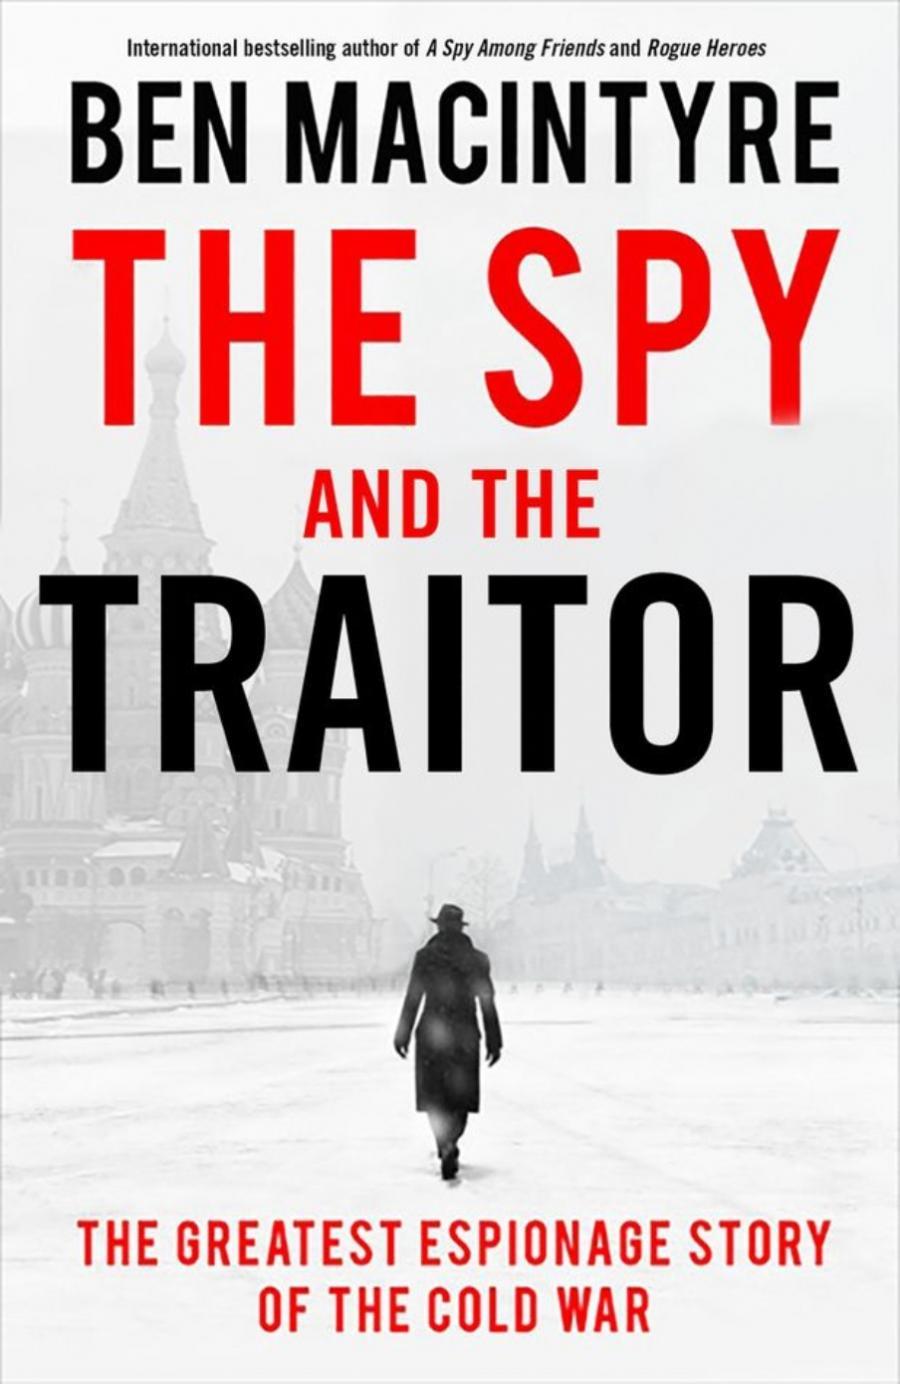 bogforside med titlen The spy and the traitor, billede af den rødeplads og en mand i trenchcoat